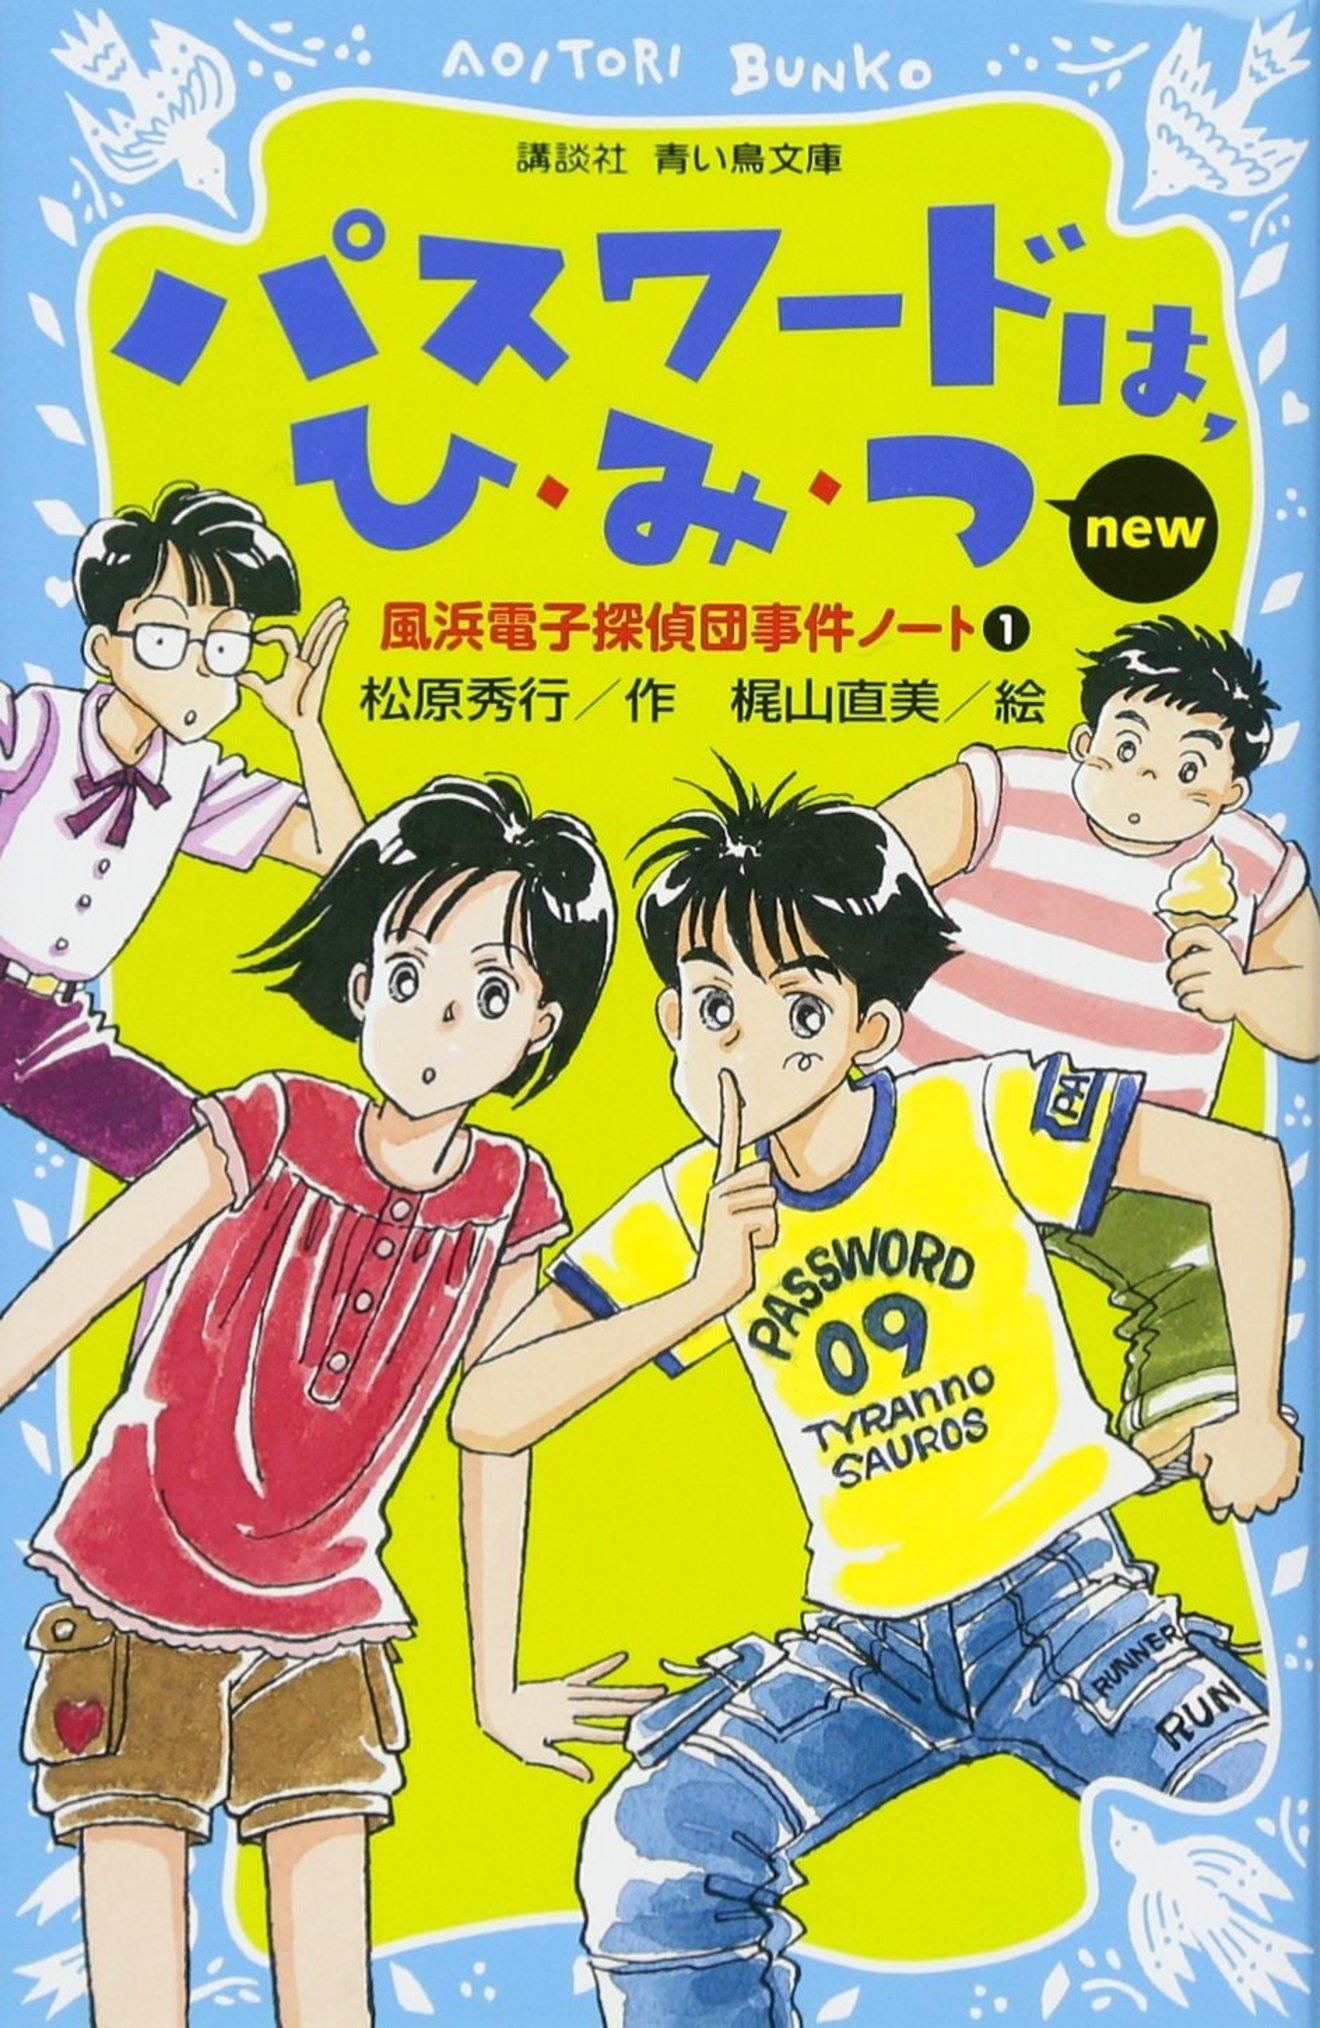 「パスワード」シリーズnew版のあらすじと魅力を紹介!子供に人気の推理本